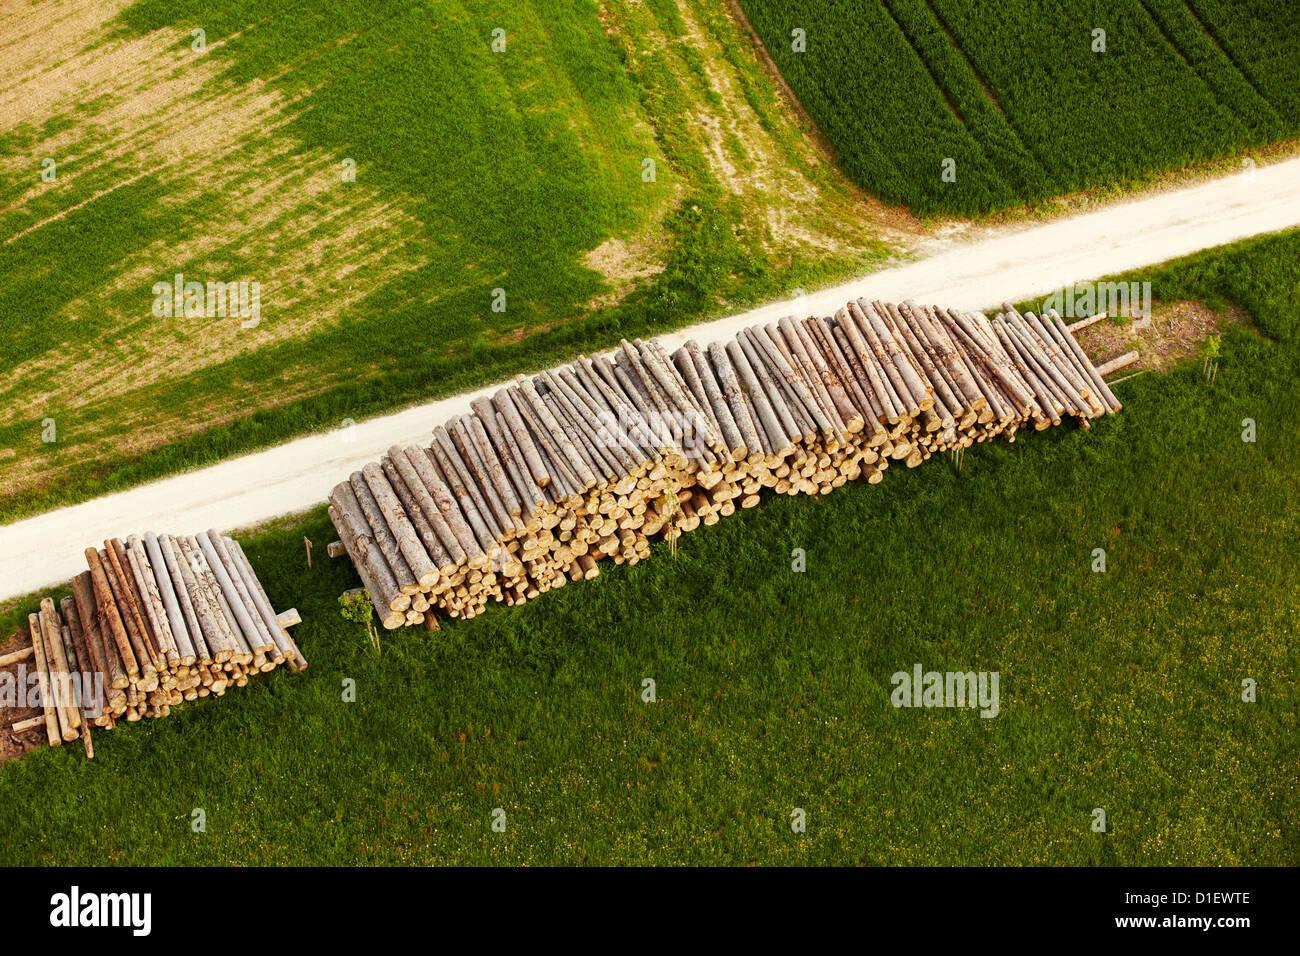 I registri memorizzati in un percorso, foto aeree Immagini Stock